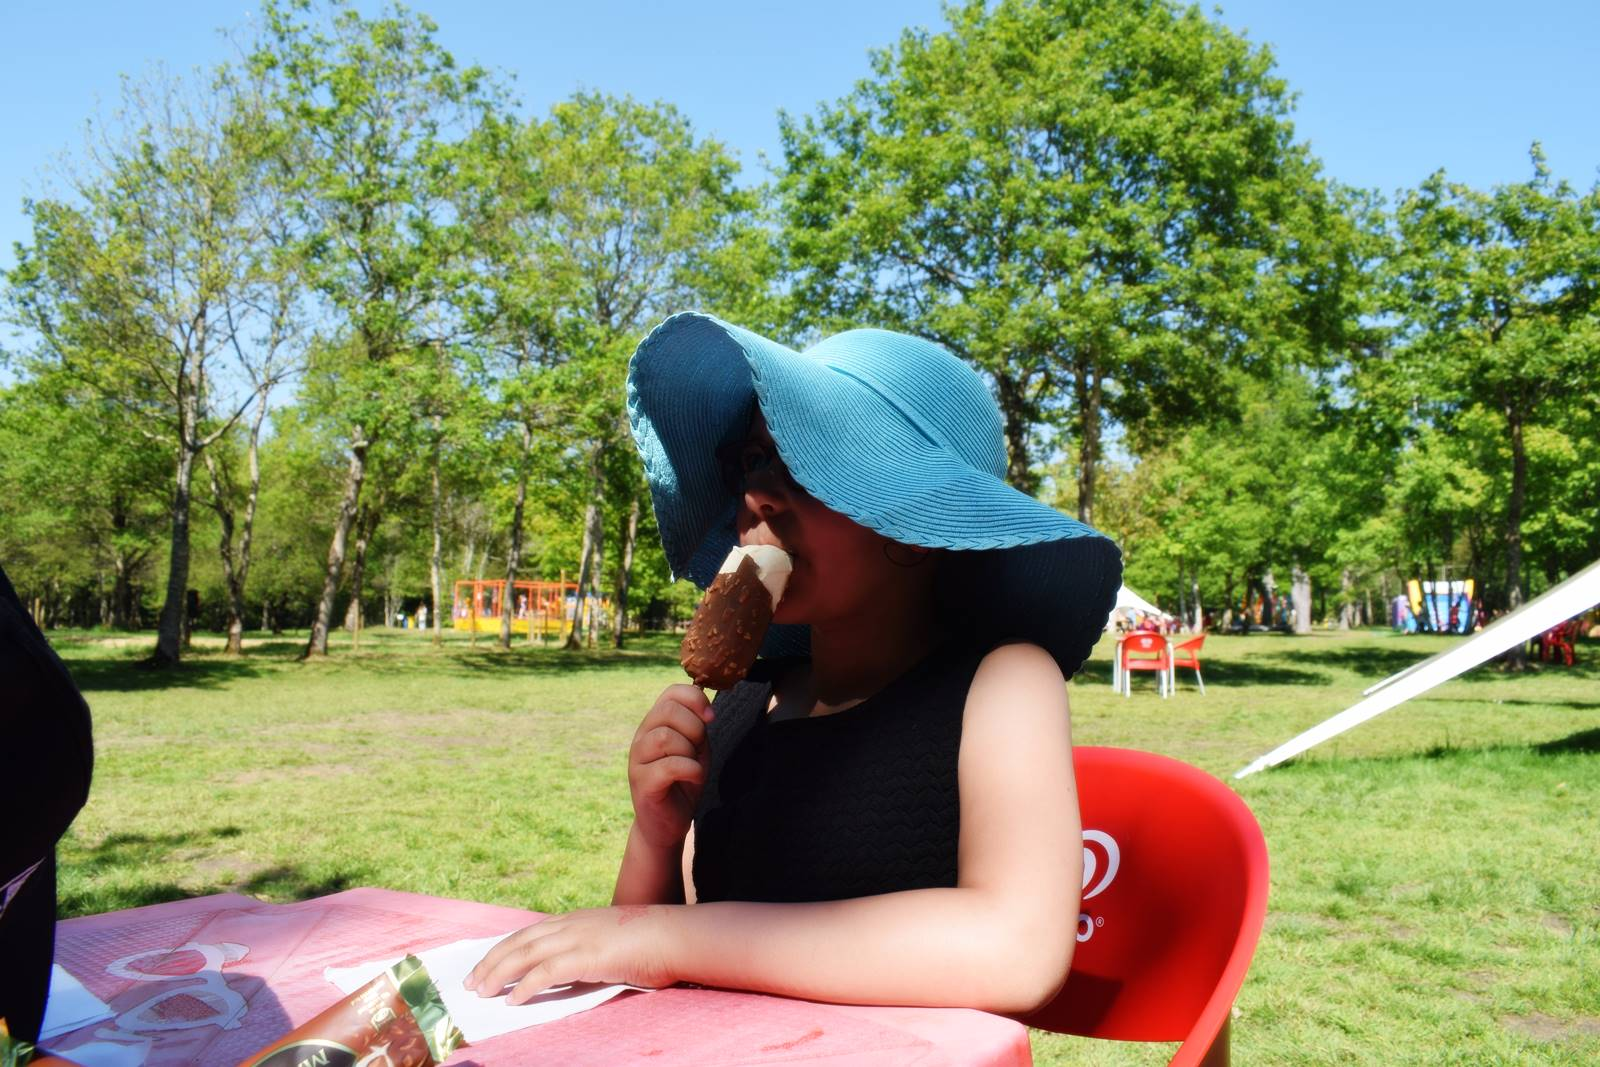 Parcofolies parc de jeux la baule 1